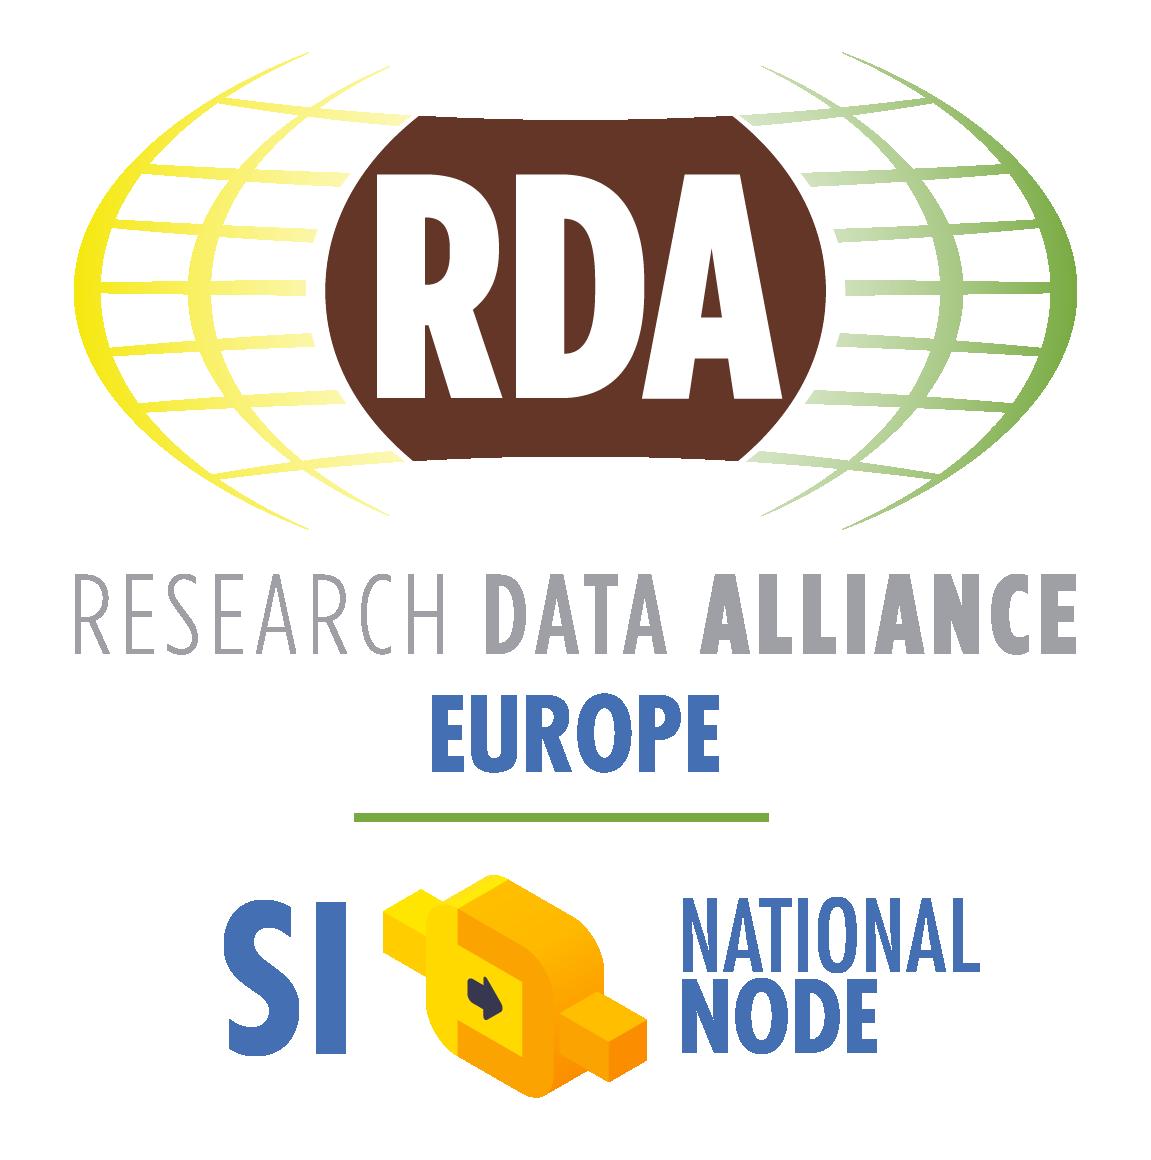 RDA Europe National Node Icons | RDA